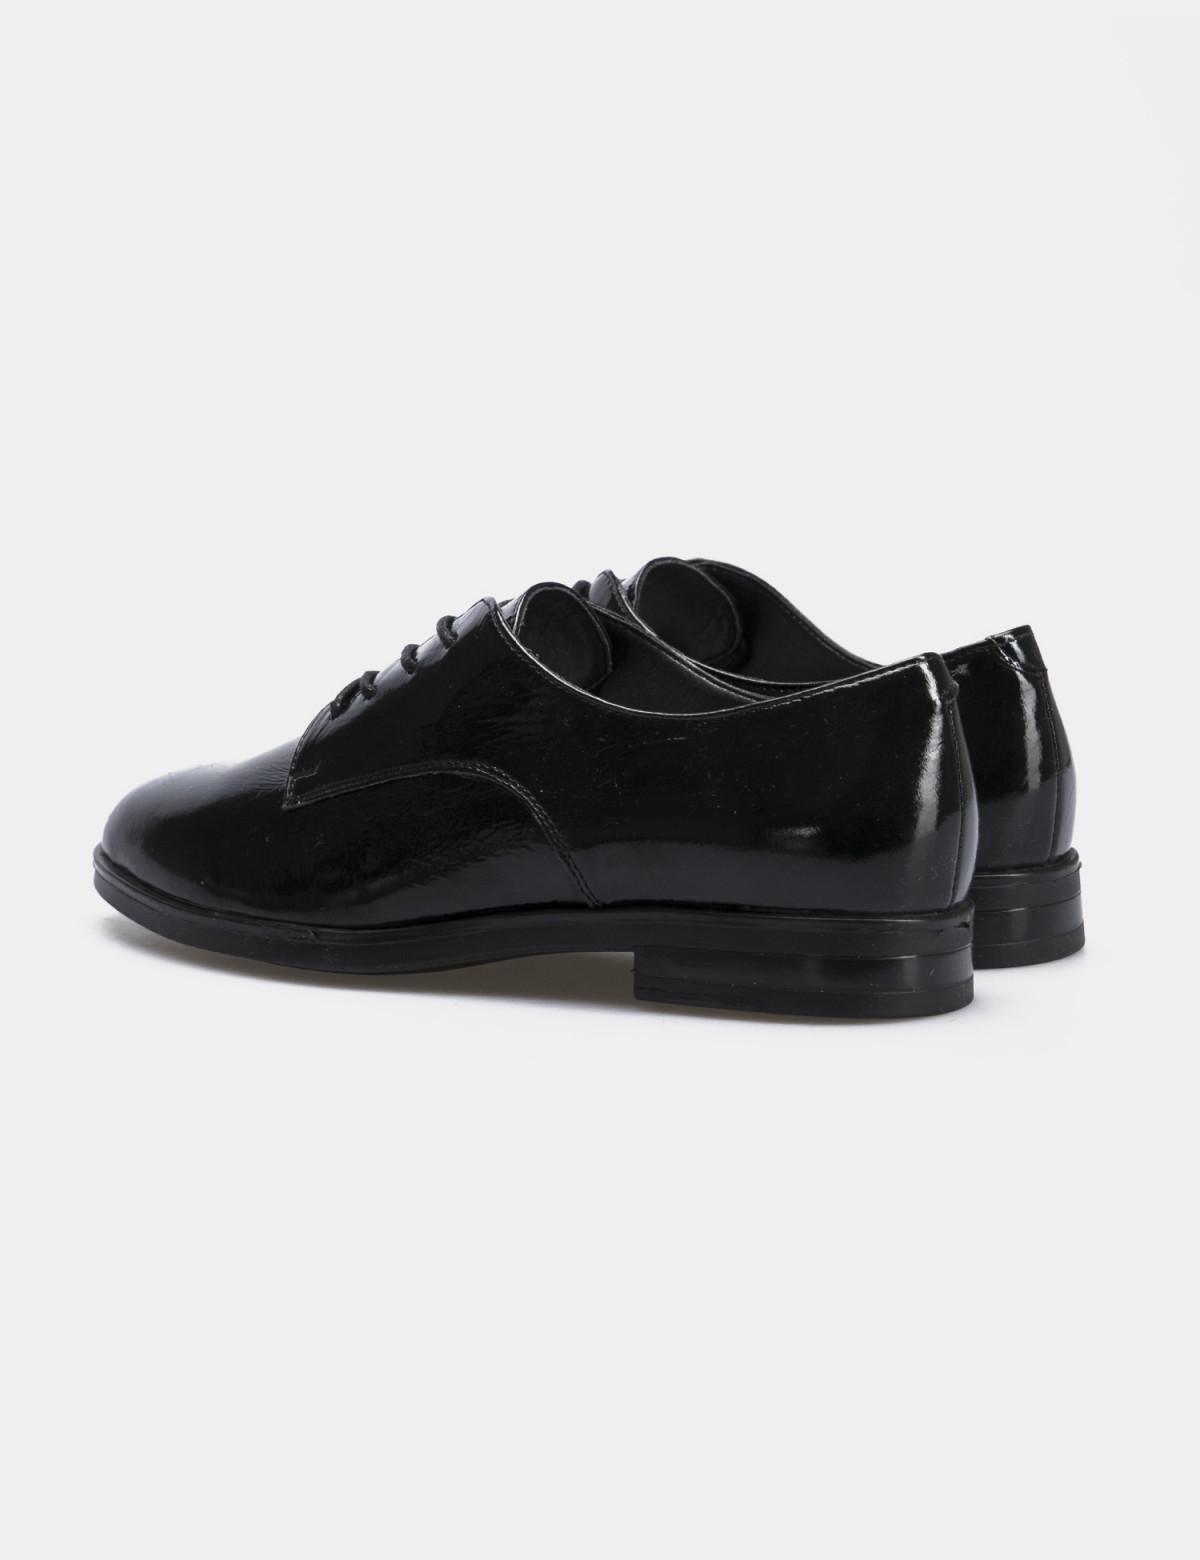 Туфли черные лакированные, натуральная кожа2